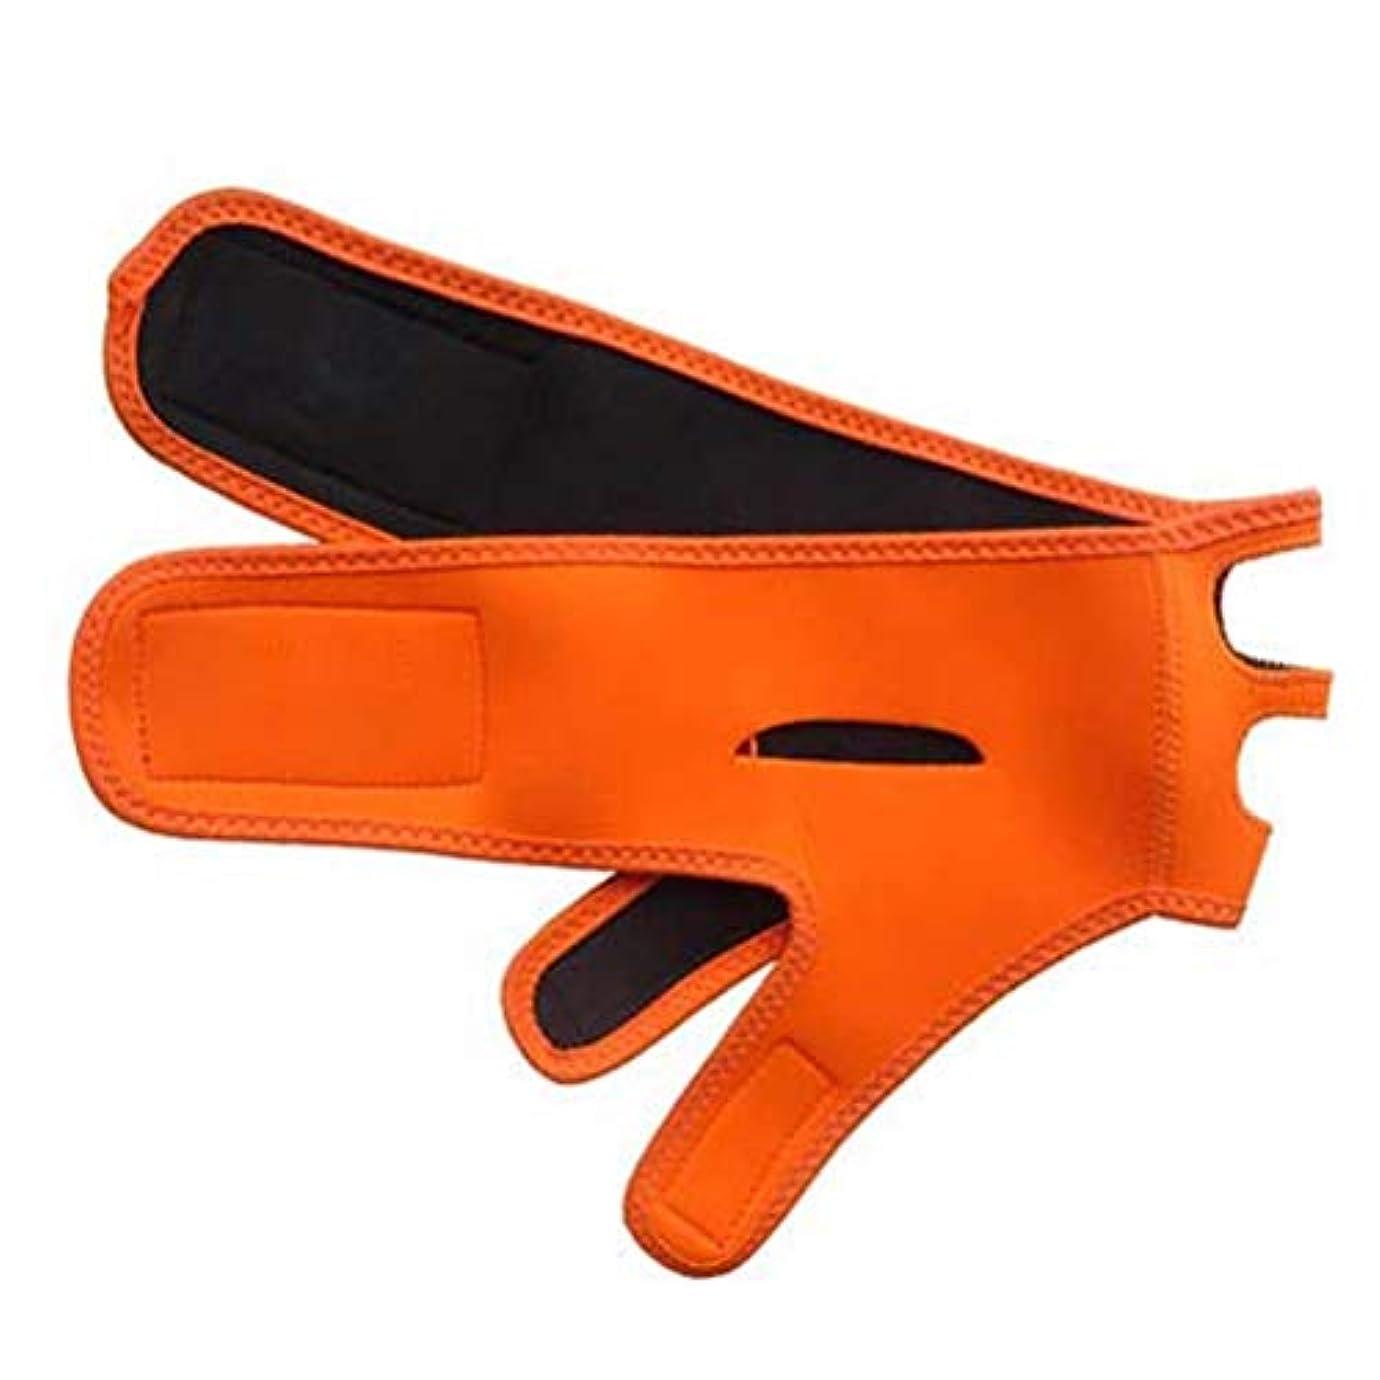 十分にスキャンダル具体的にHUYYA フェイスリフティング包帯、V字ベルト補正ベルト フェイスマスクスキンケアチンは、リフティングファーミングストラップダブルチンヘルスケア,Orange_Small